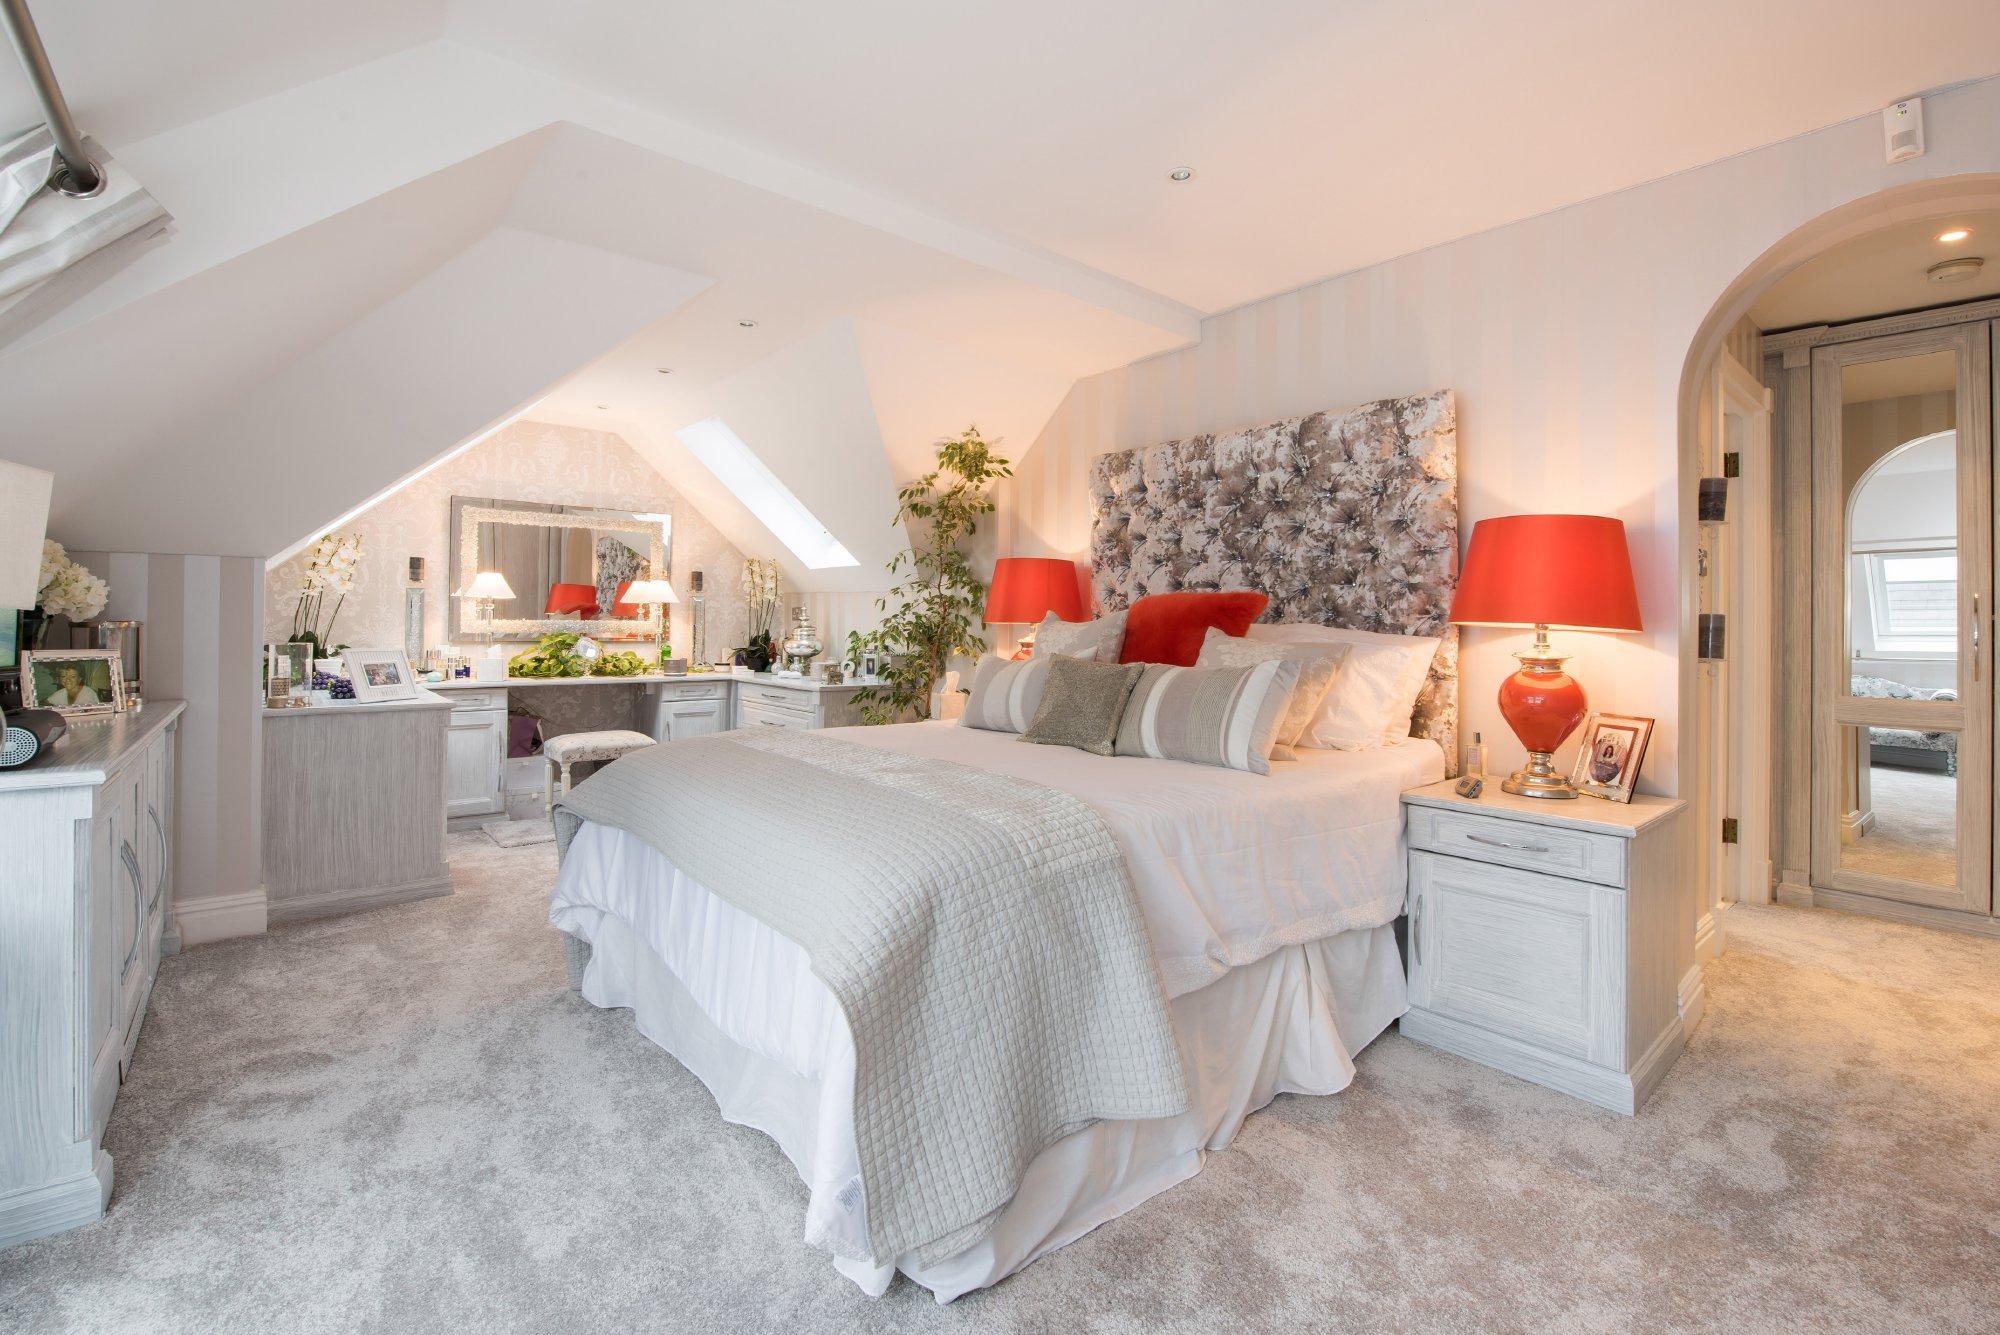 Whiteoak,Master Bedroom